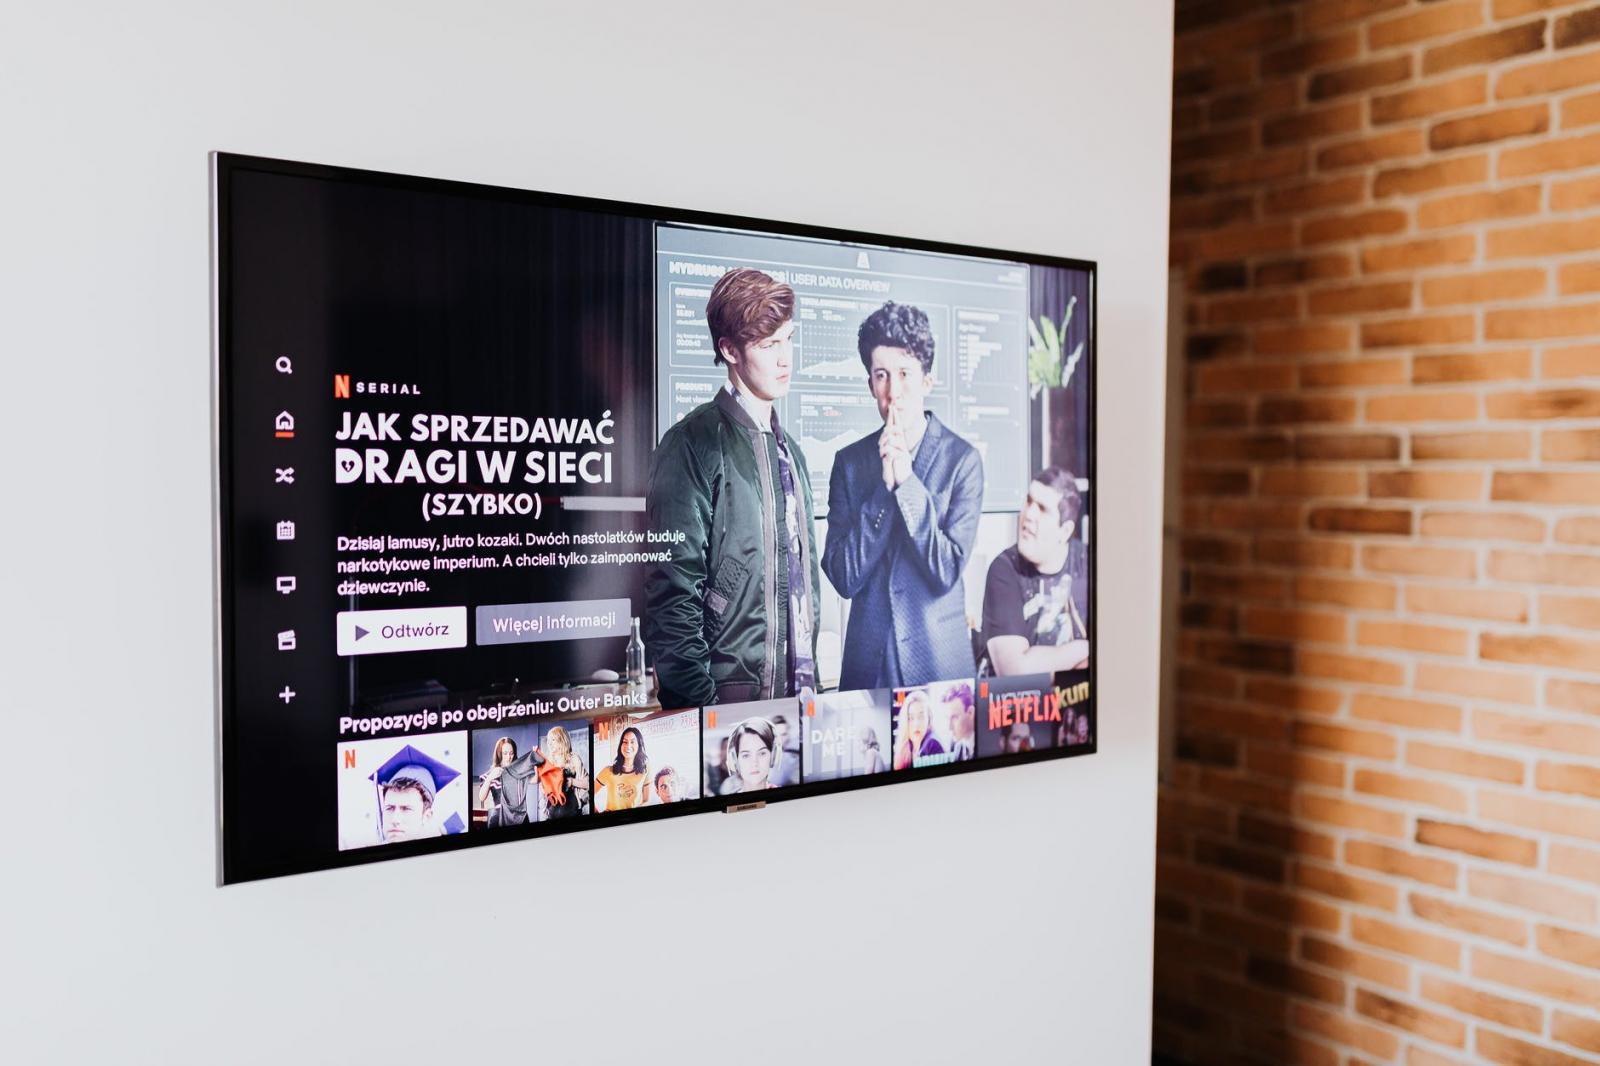 【科技新知】Netflix如何關閉預告片自動播放功能?幫你節省網路流量